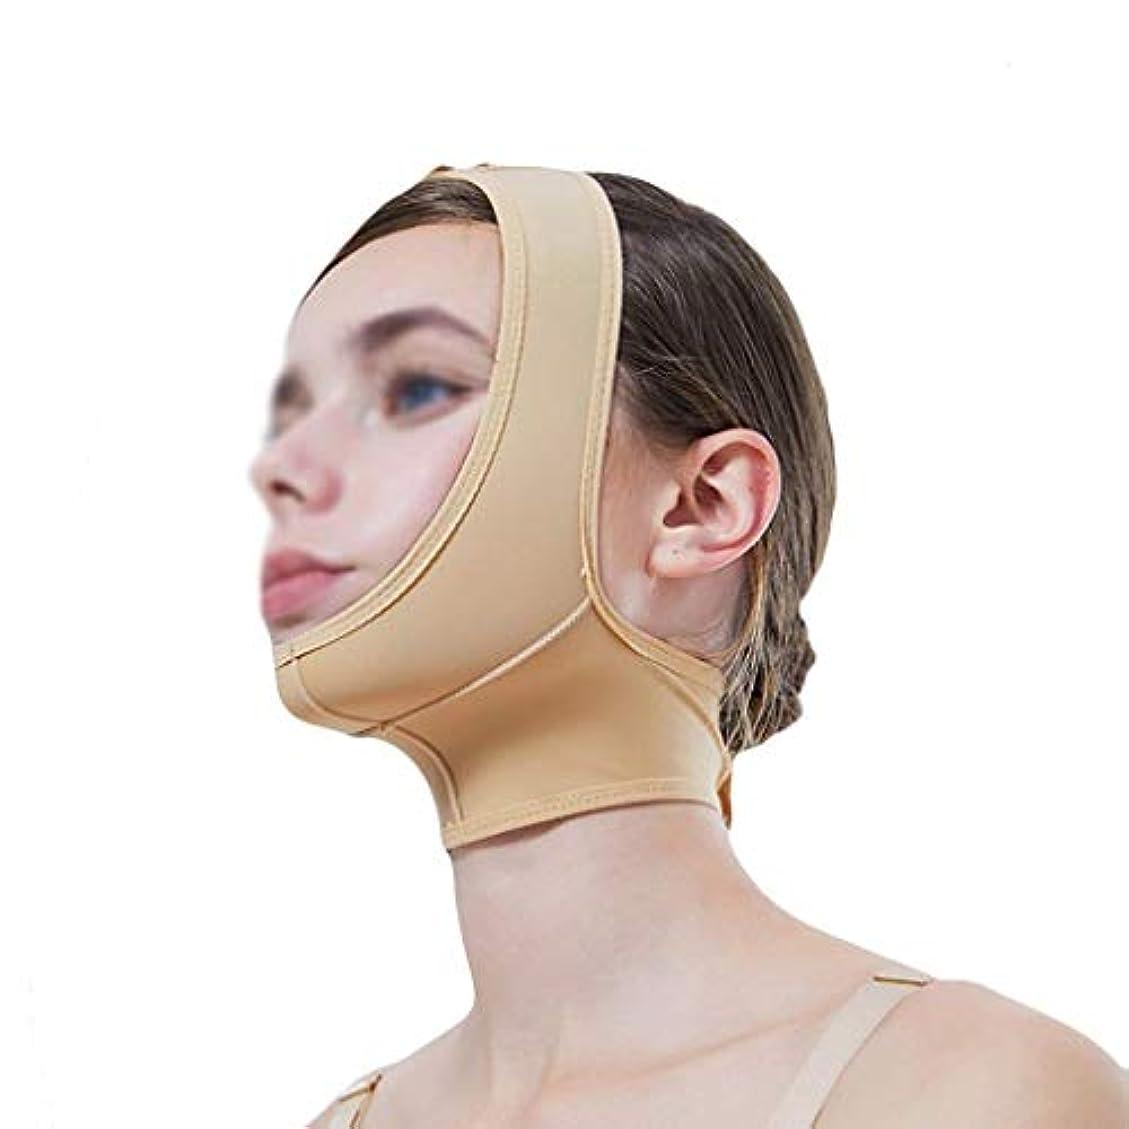 類人猿摂動評価するマスク、超薄型ベルト、フェイスリフティングに適し、フェイスリフティング、通気性包帯、あご取りベルト、超薄型ベルト、通気性(サイズ:XL),S